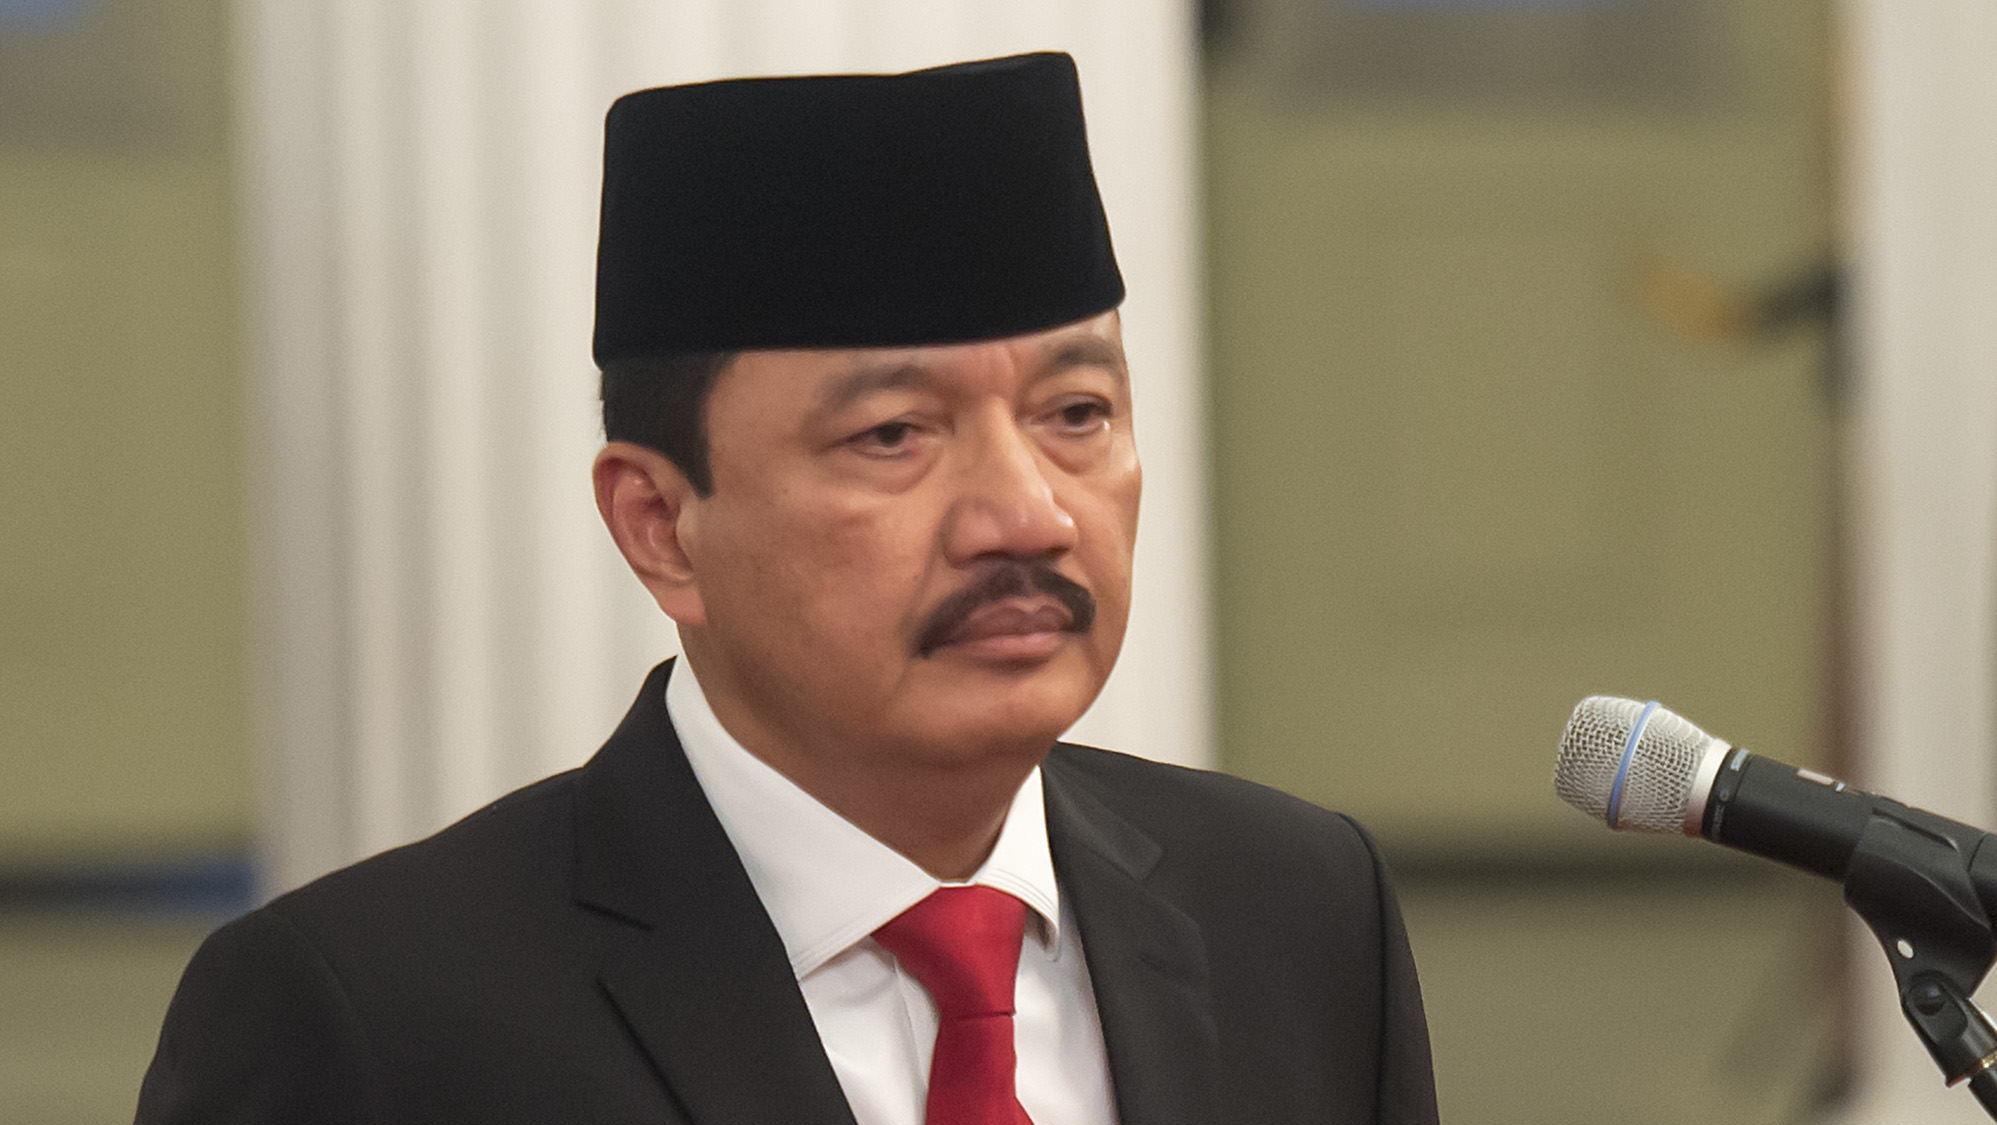 Isu PKI dan Agama Bakal Marak Hingga 2019